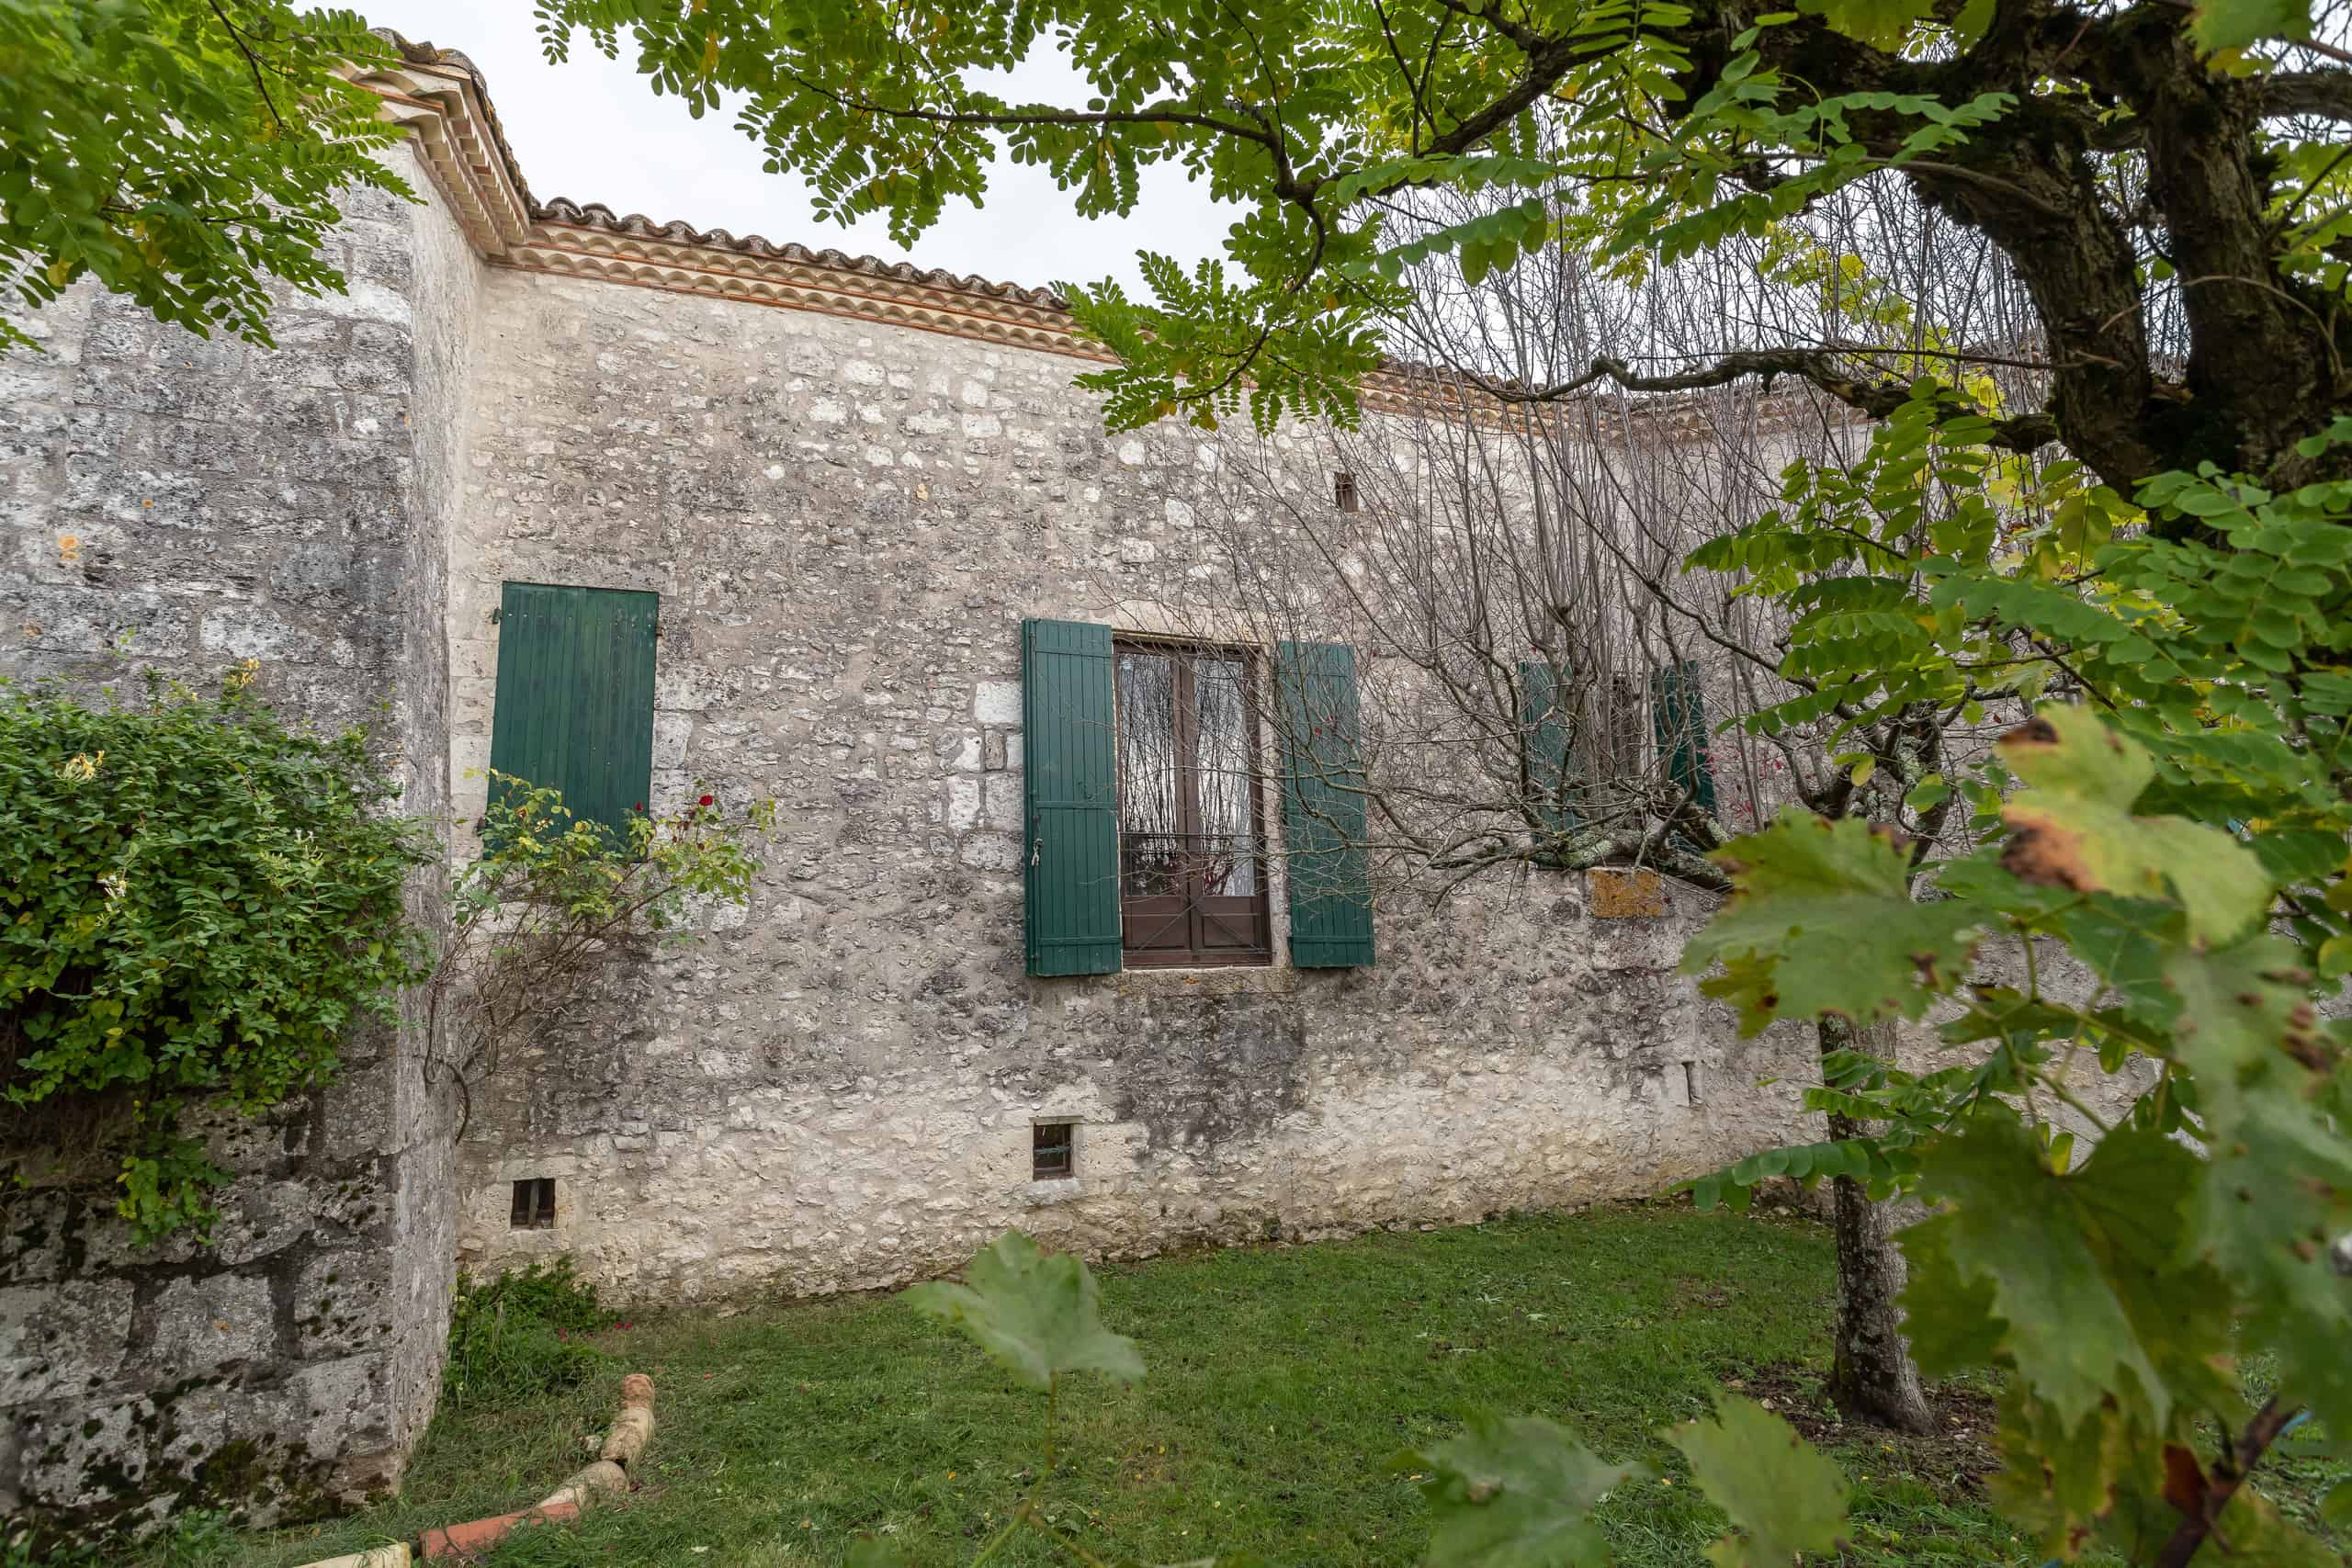 maison en pierre dans un jardin de village tranquille